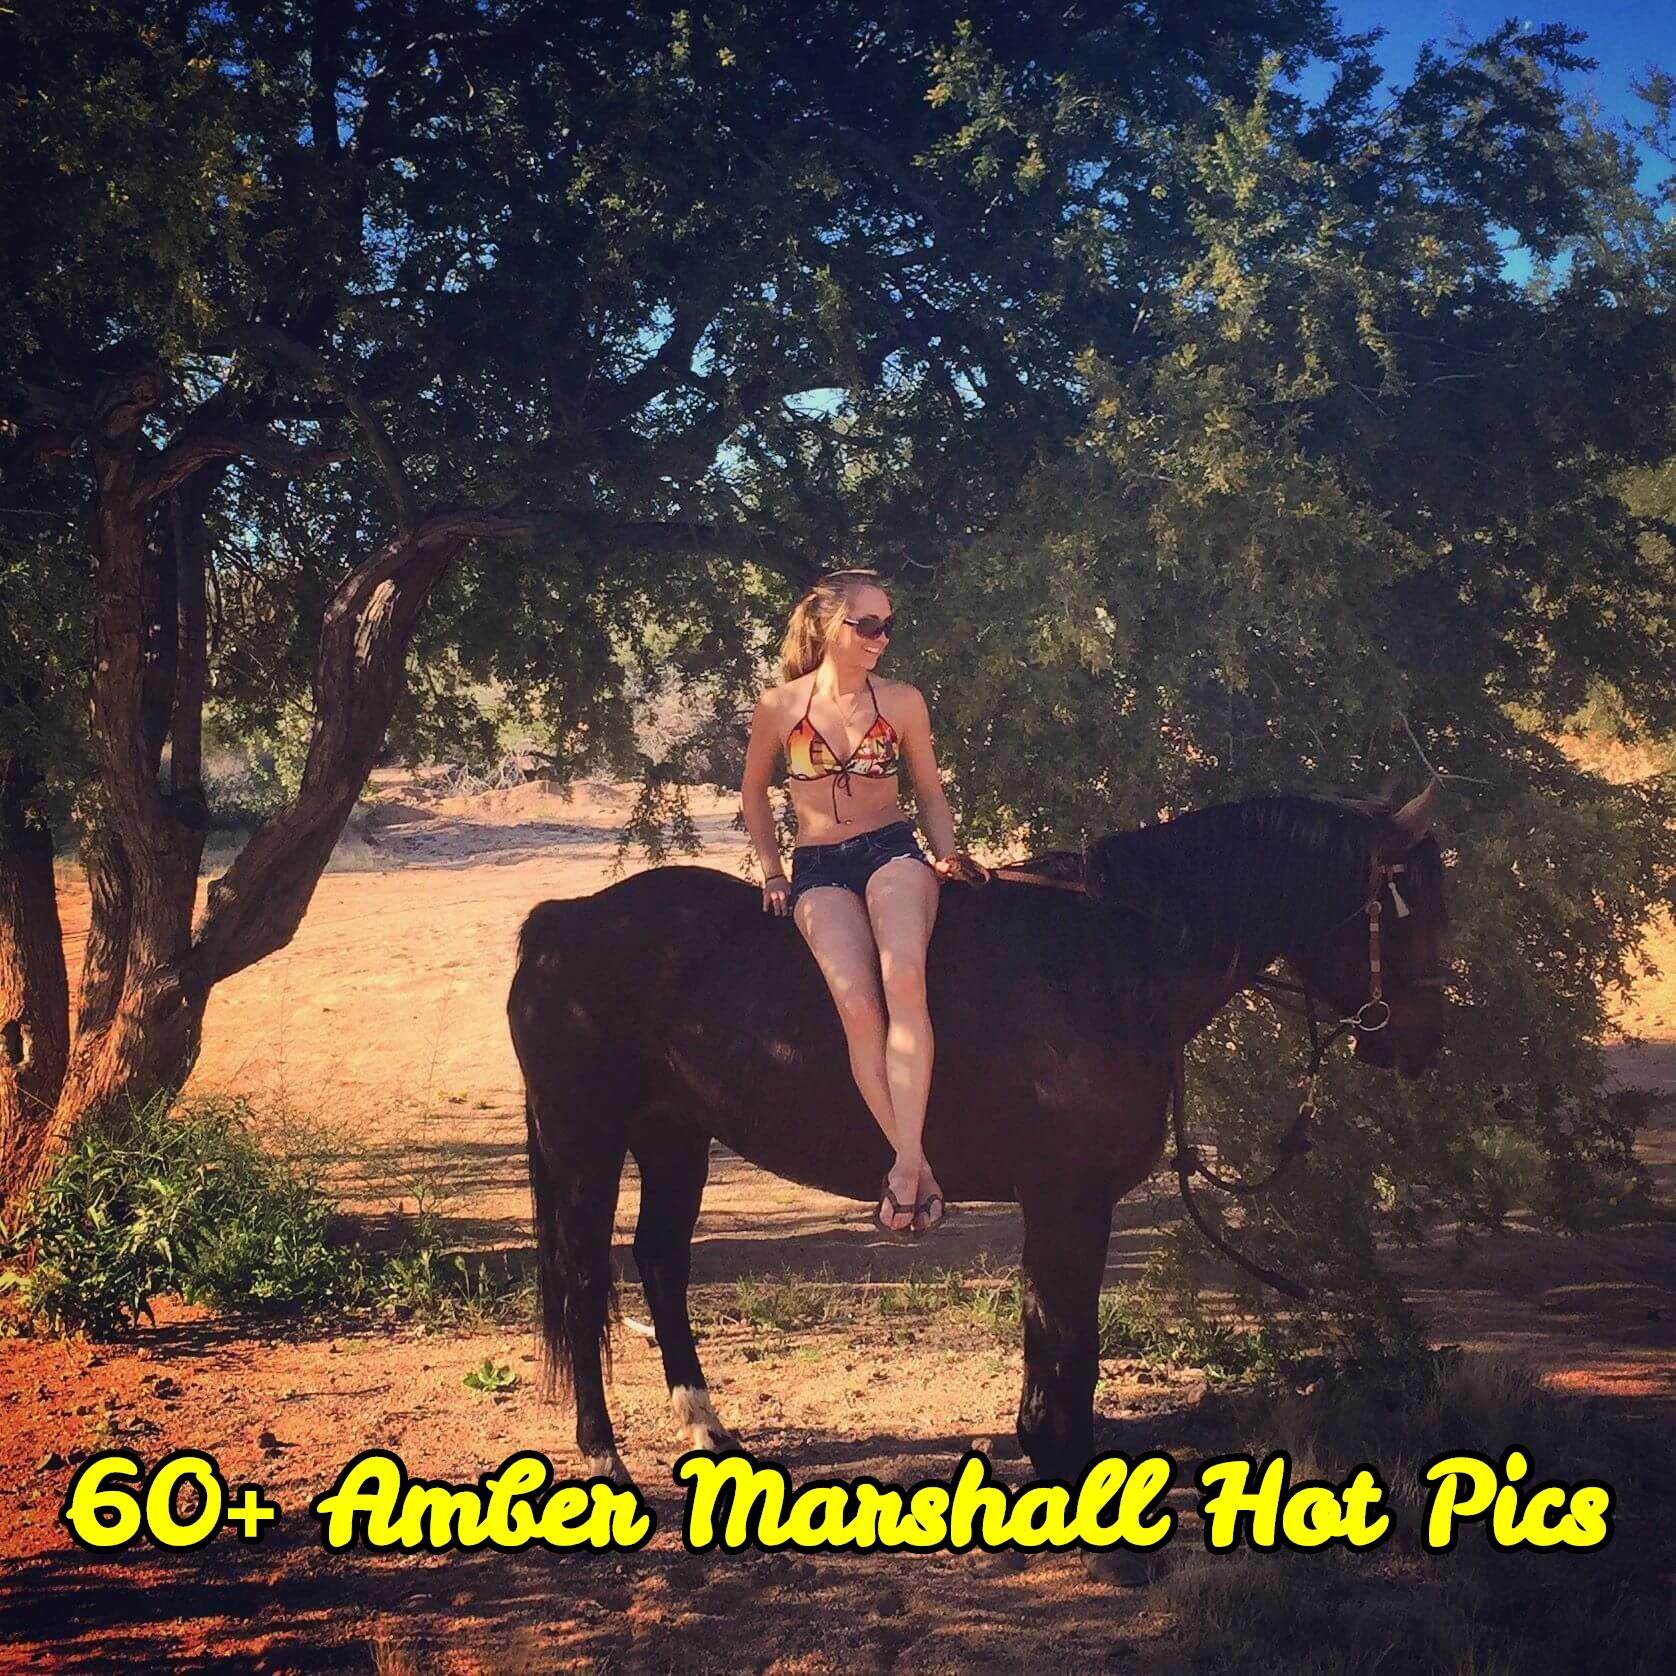 Amber Marshall hot pics